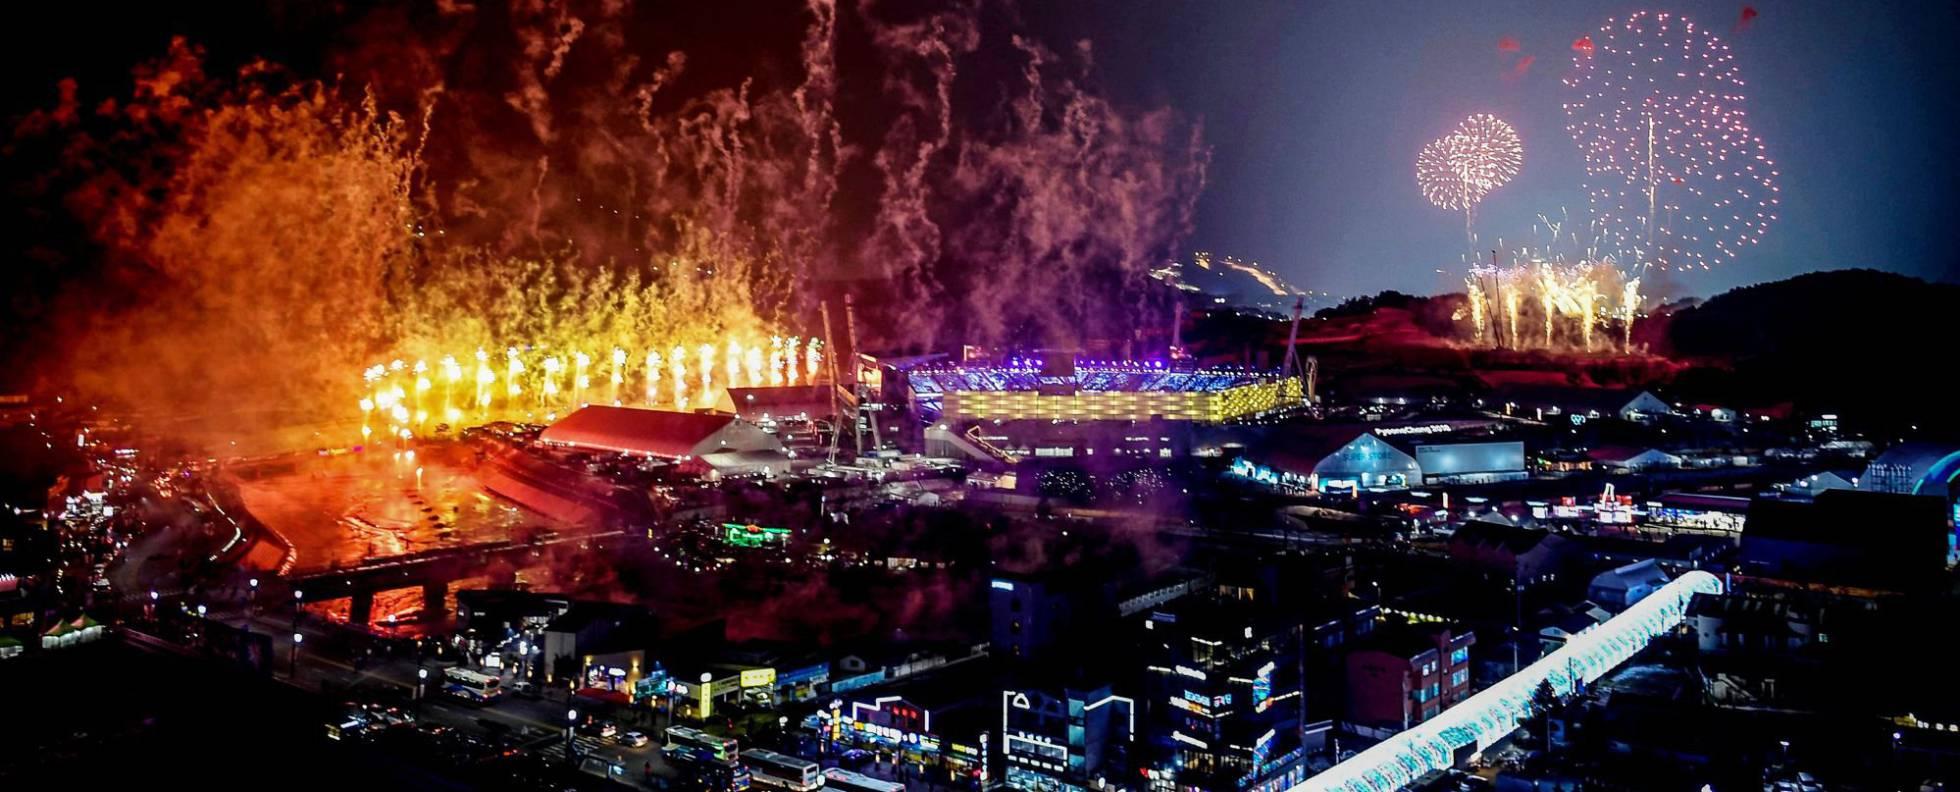 Cerimônia de abertura dos Jogos Olímpicos de Inverno 2018.